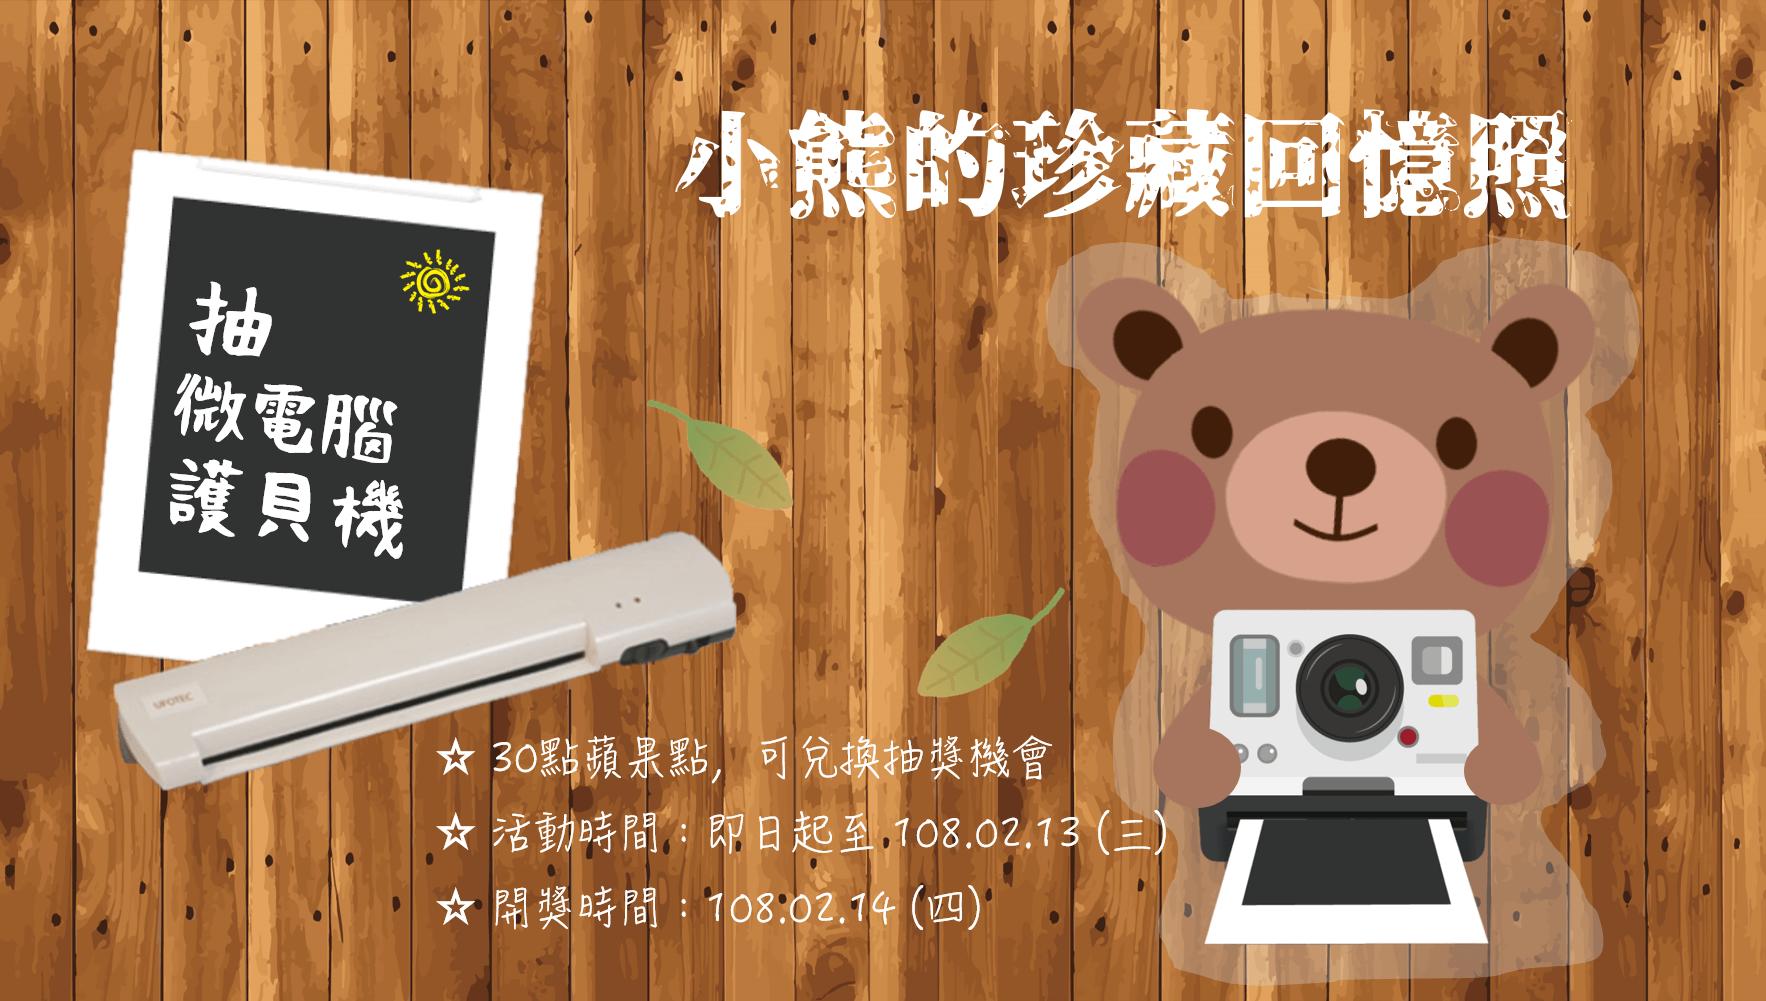 會員活動:小熊的珍藏回憶照